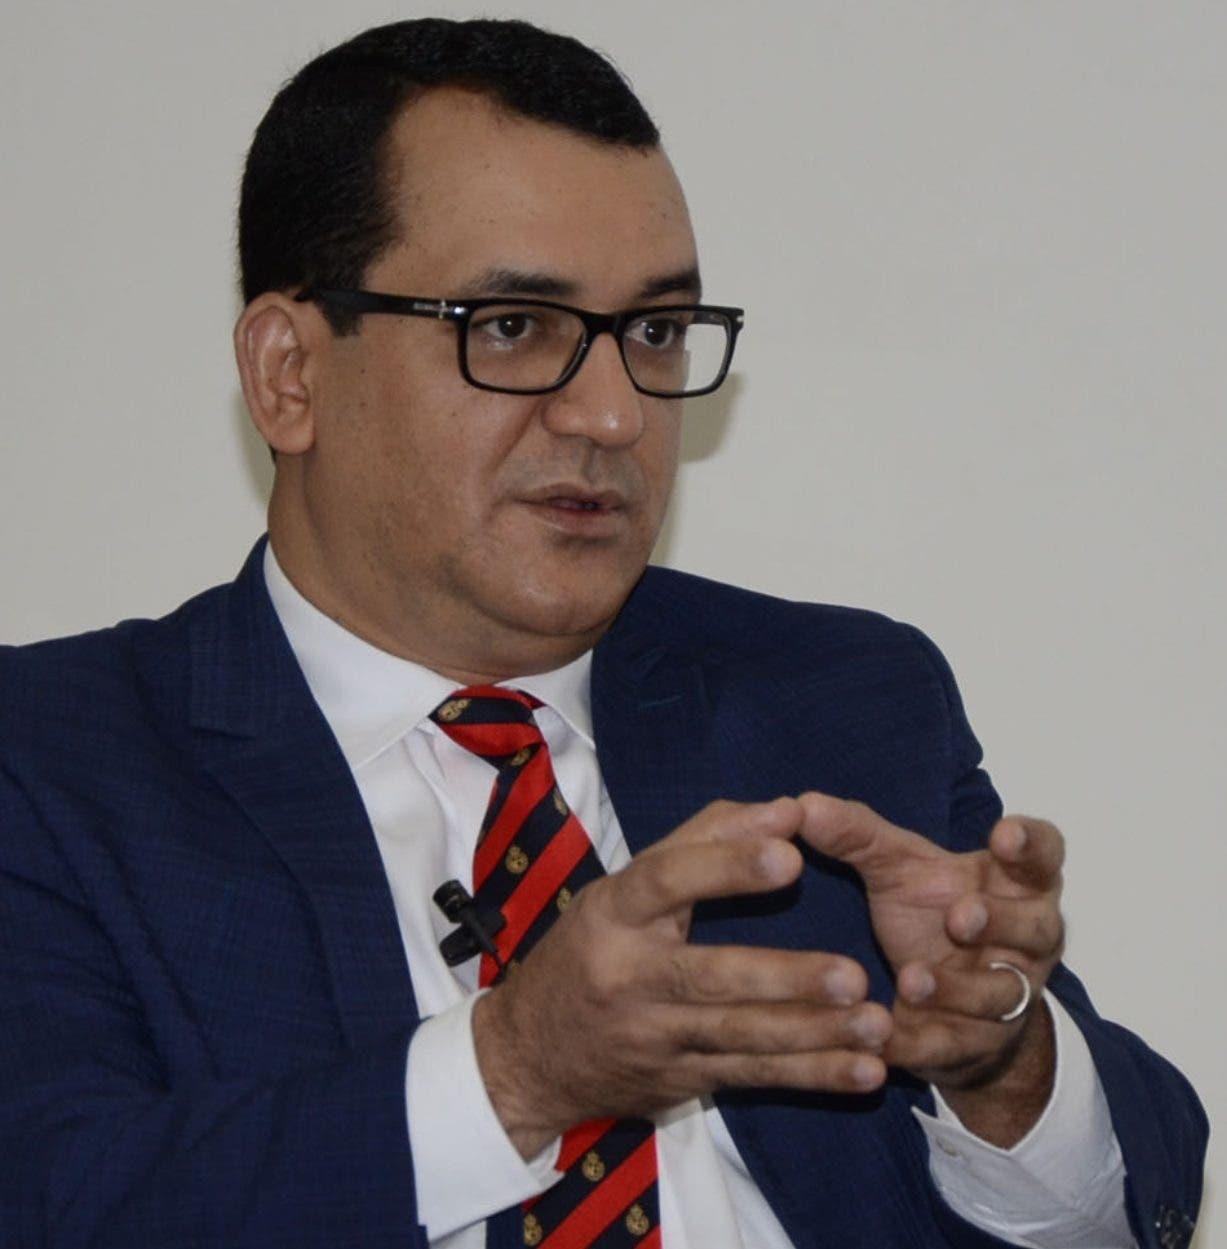 Román Jáquez dijo que en el país se debe valorar más la justicia electoral.  JOSÉ DE LEÓN